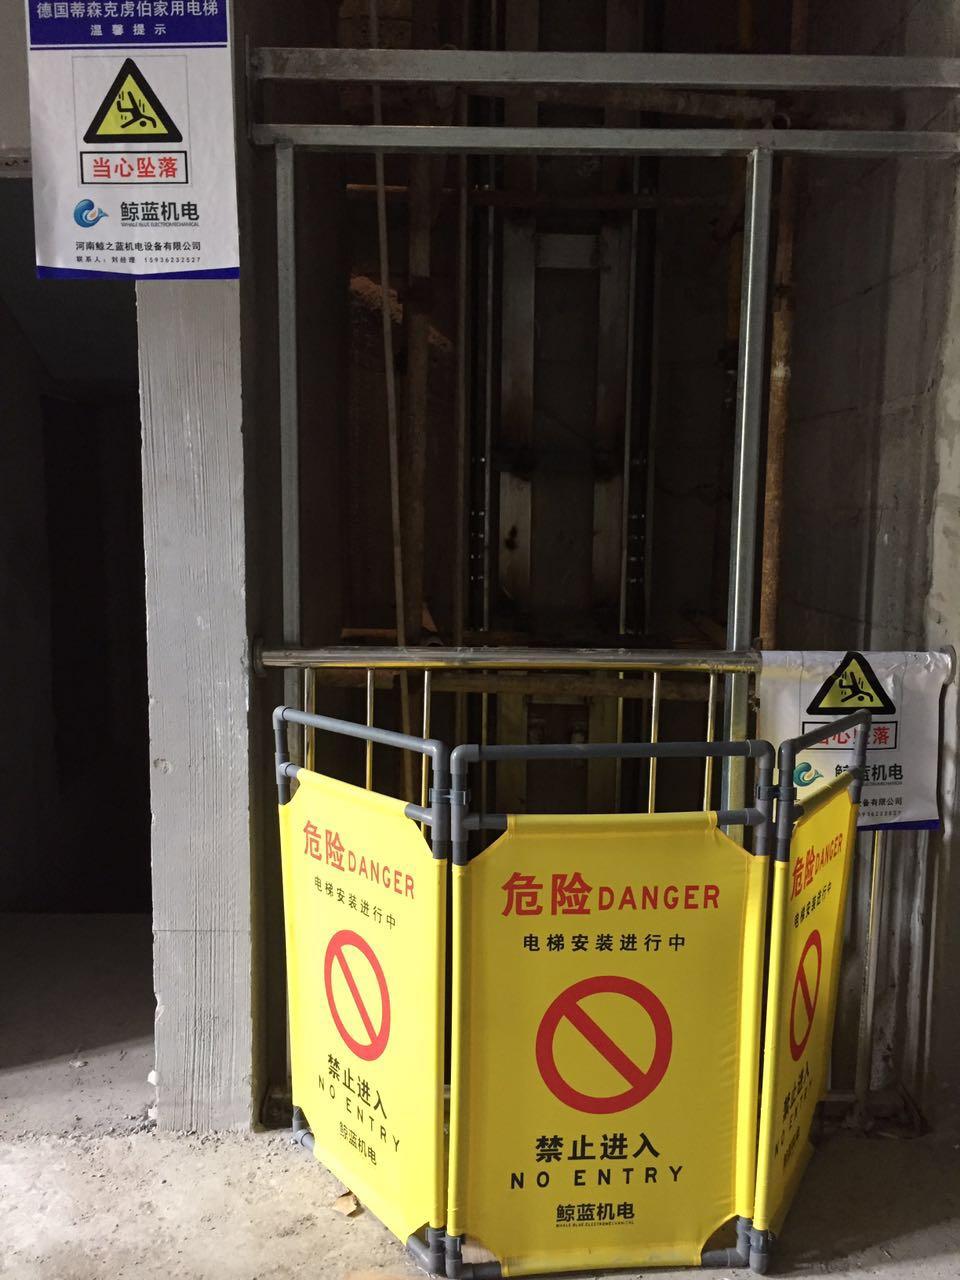 【新田城】别墅电梯和商梯有哪些区别?别墅电梯品牌哪家好?